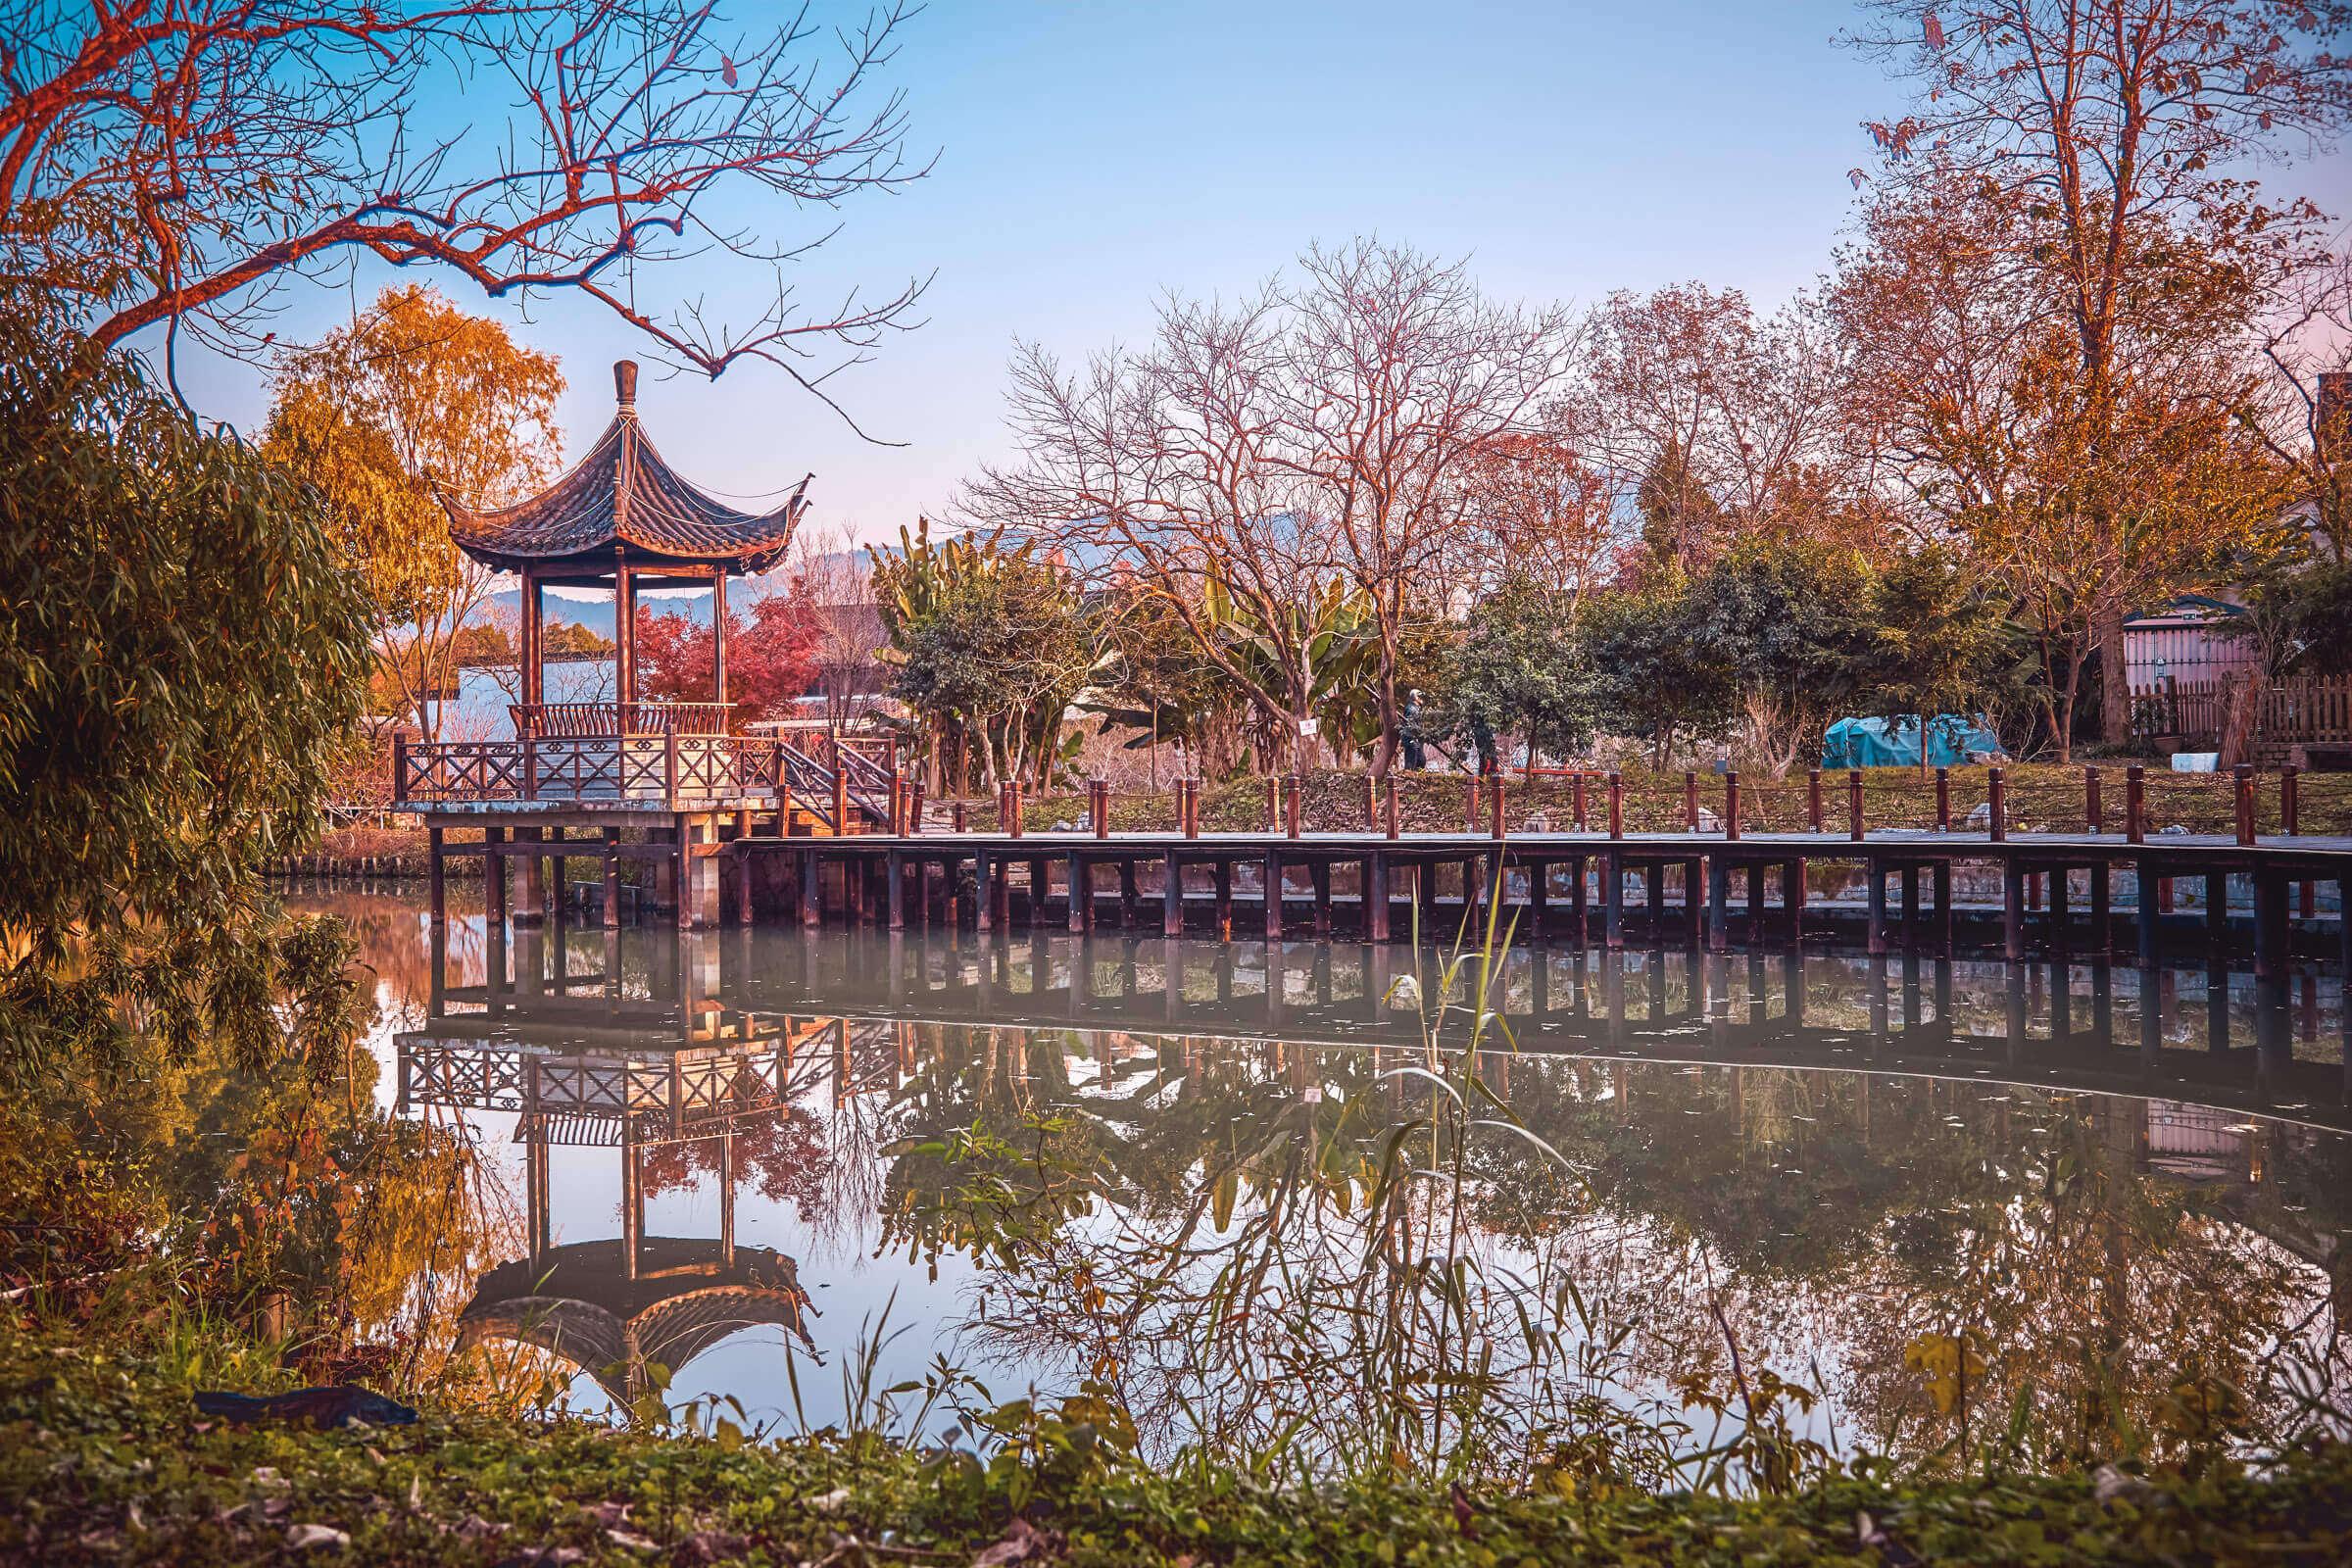 Sightseeing in Hangzhou